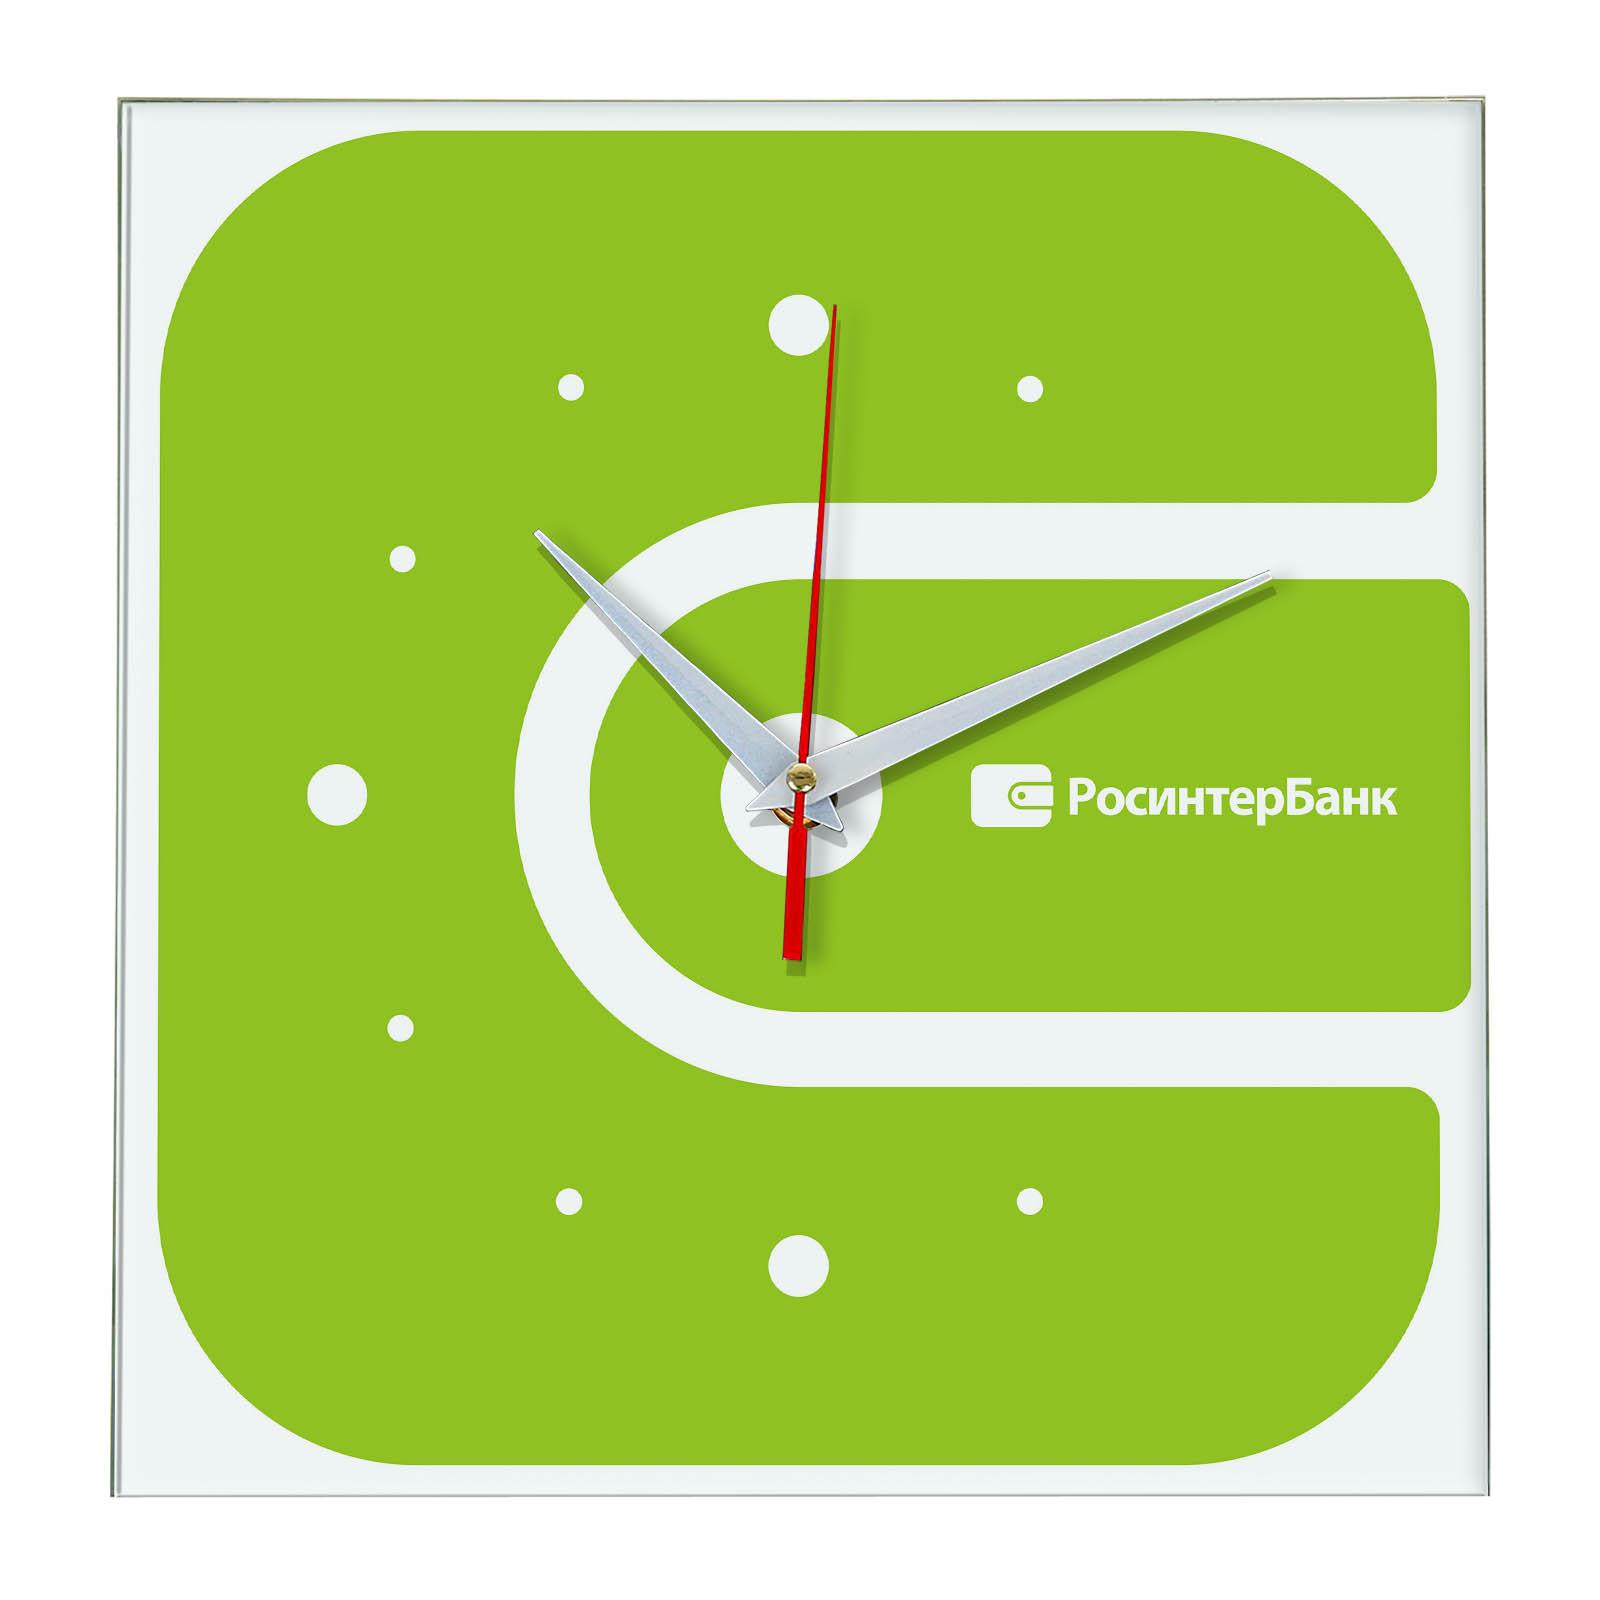 Настенные часы «rosinterbanck»